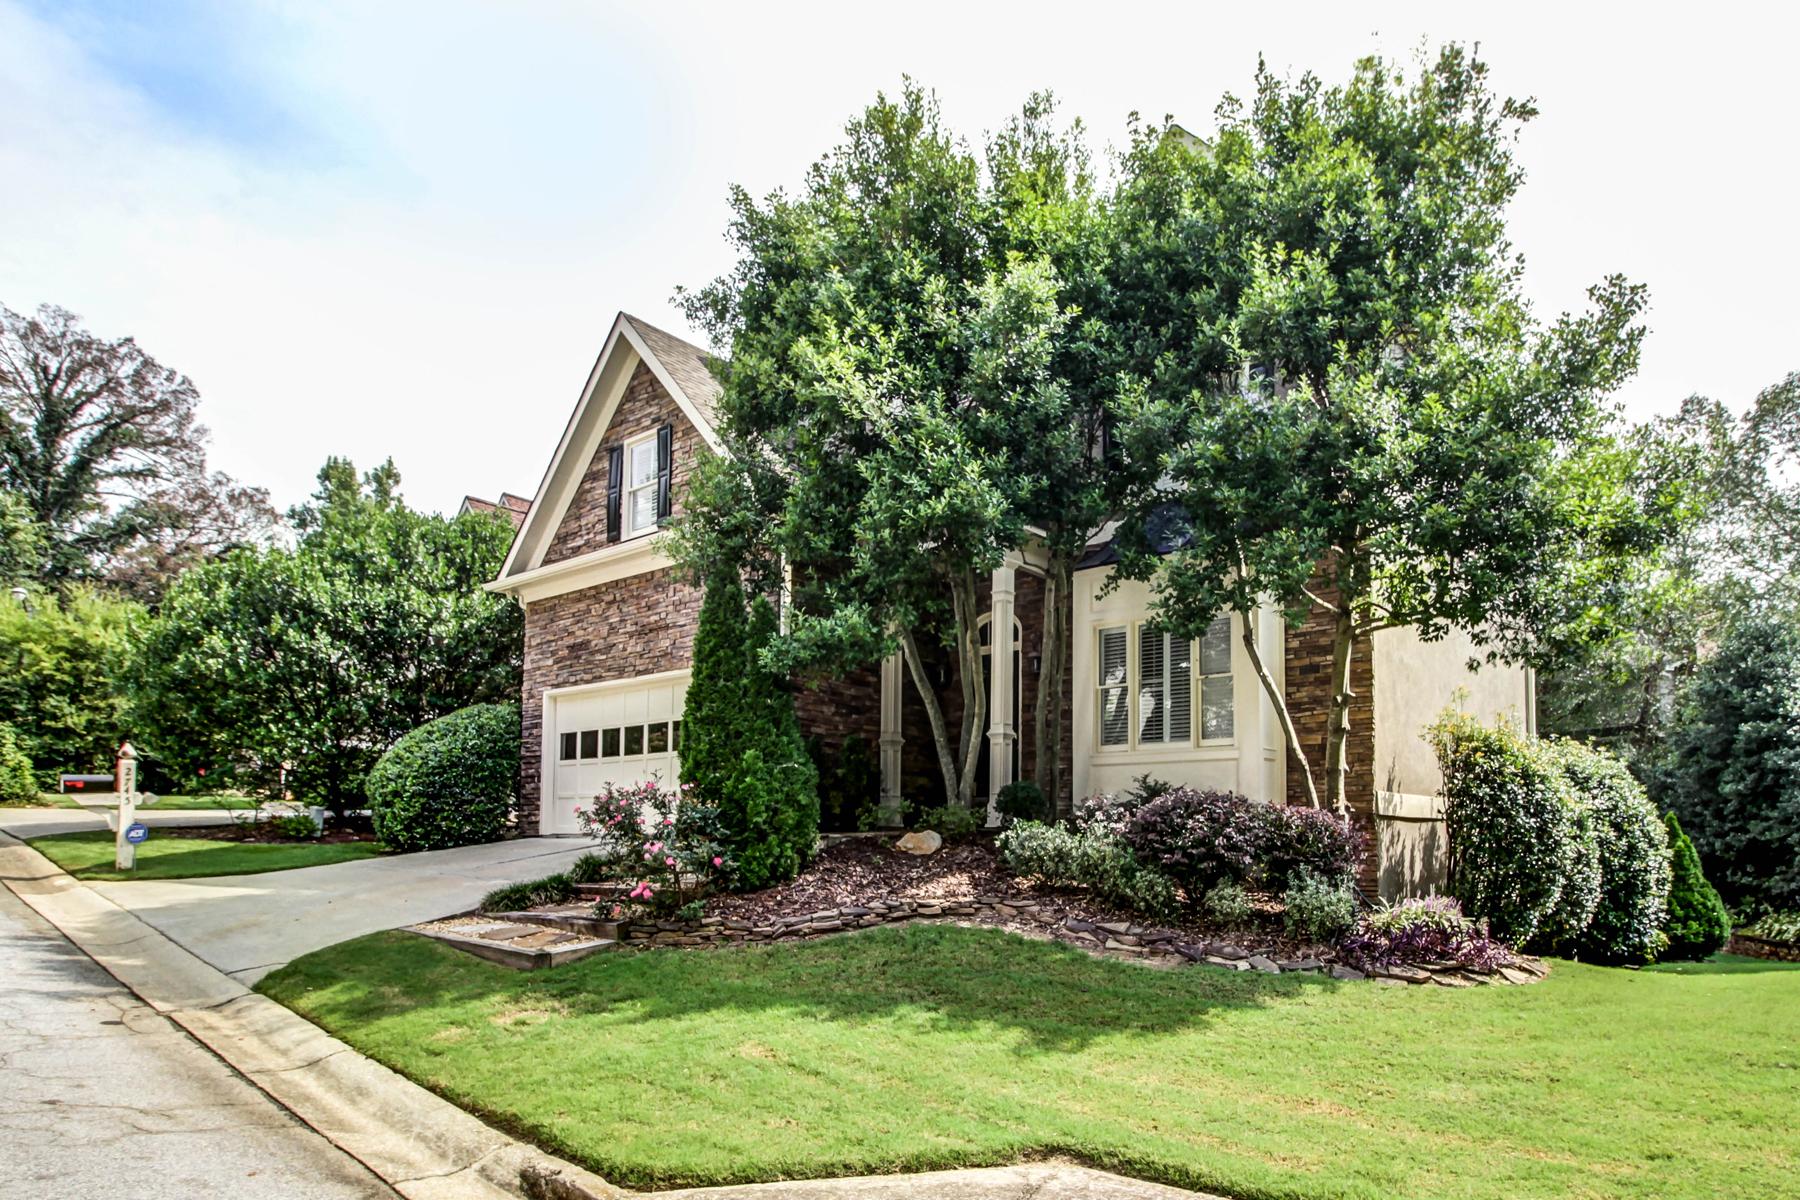 一戸建て のために 売買 アット Fantastic Opportunity In Vinings 2745 Brookgrove Court SE Atlanta, ジョージア 30339 アメリカ合衆国